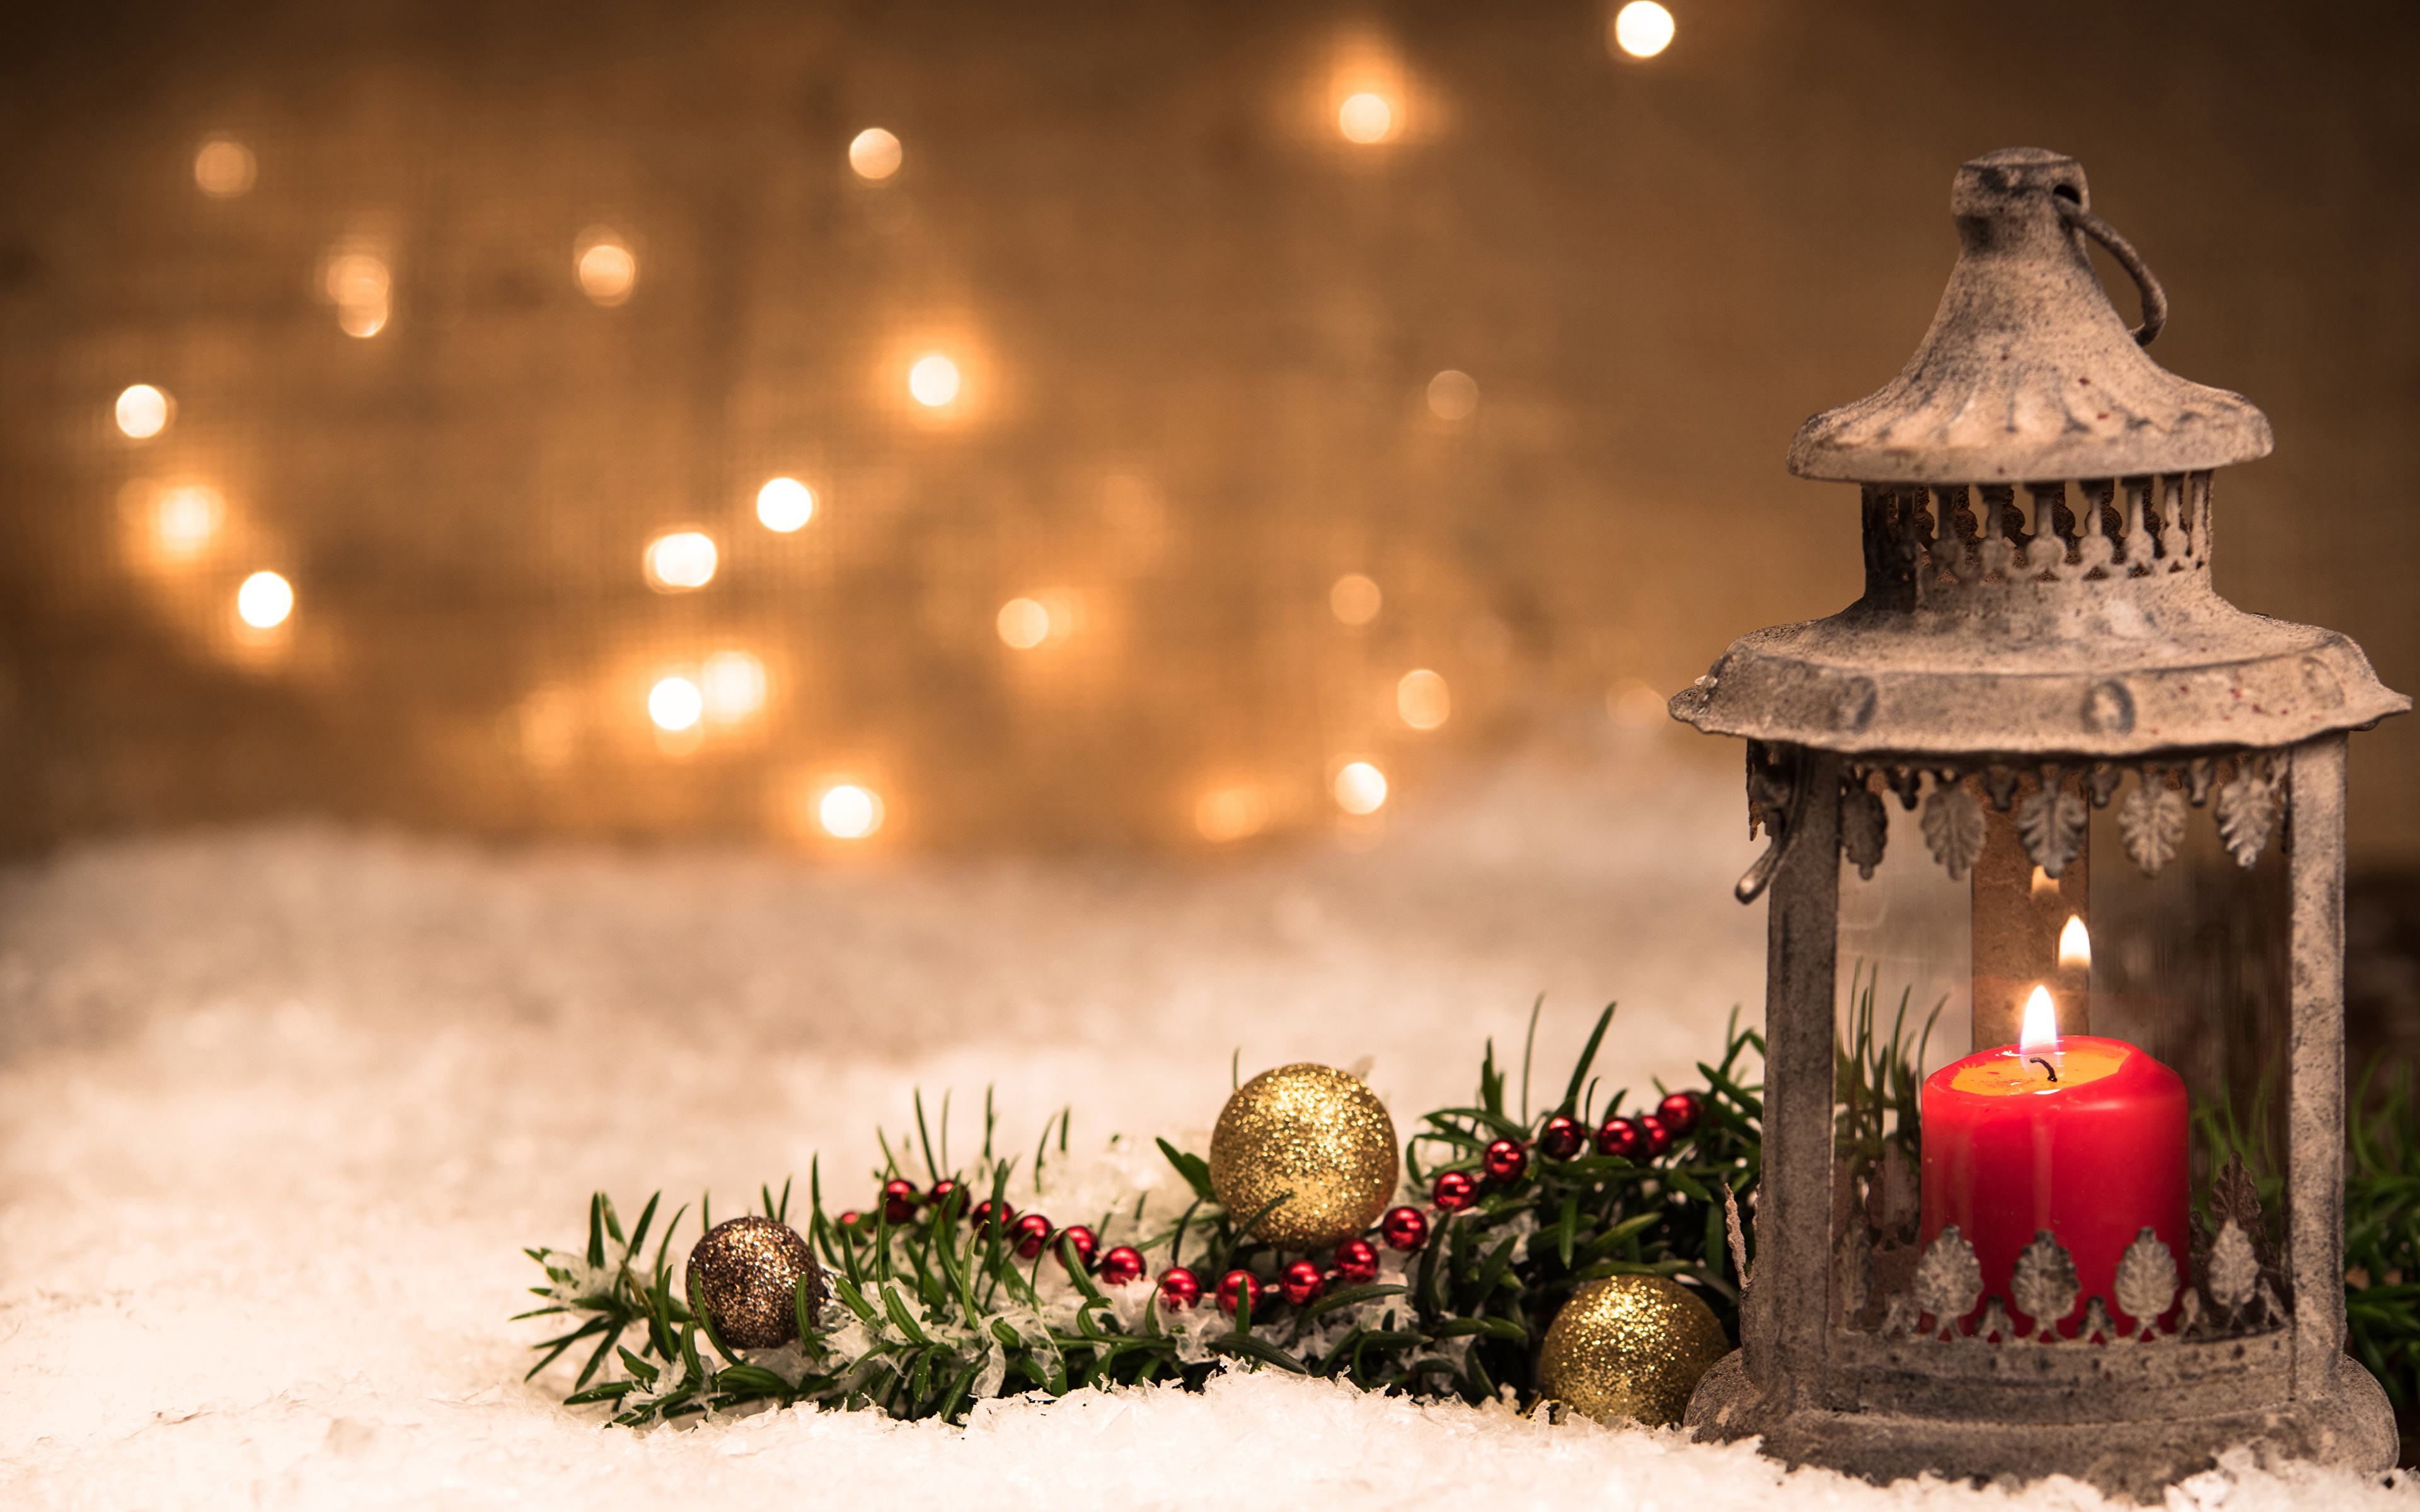 новый год фонарь сердца снег загрузить